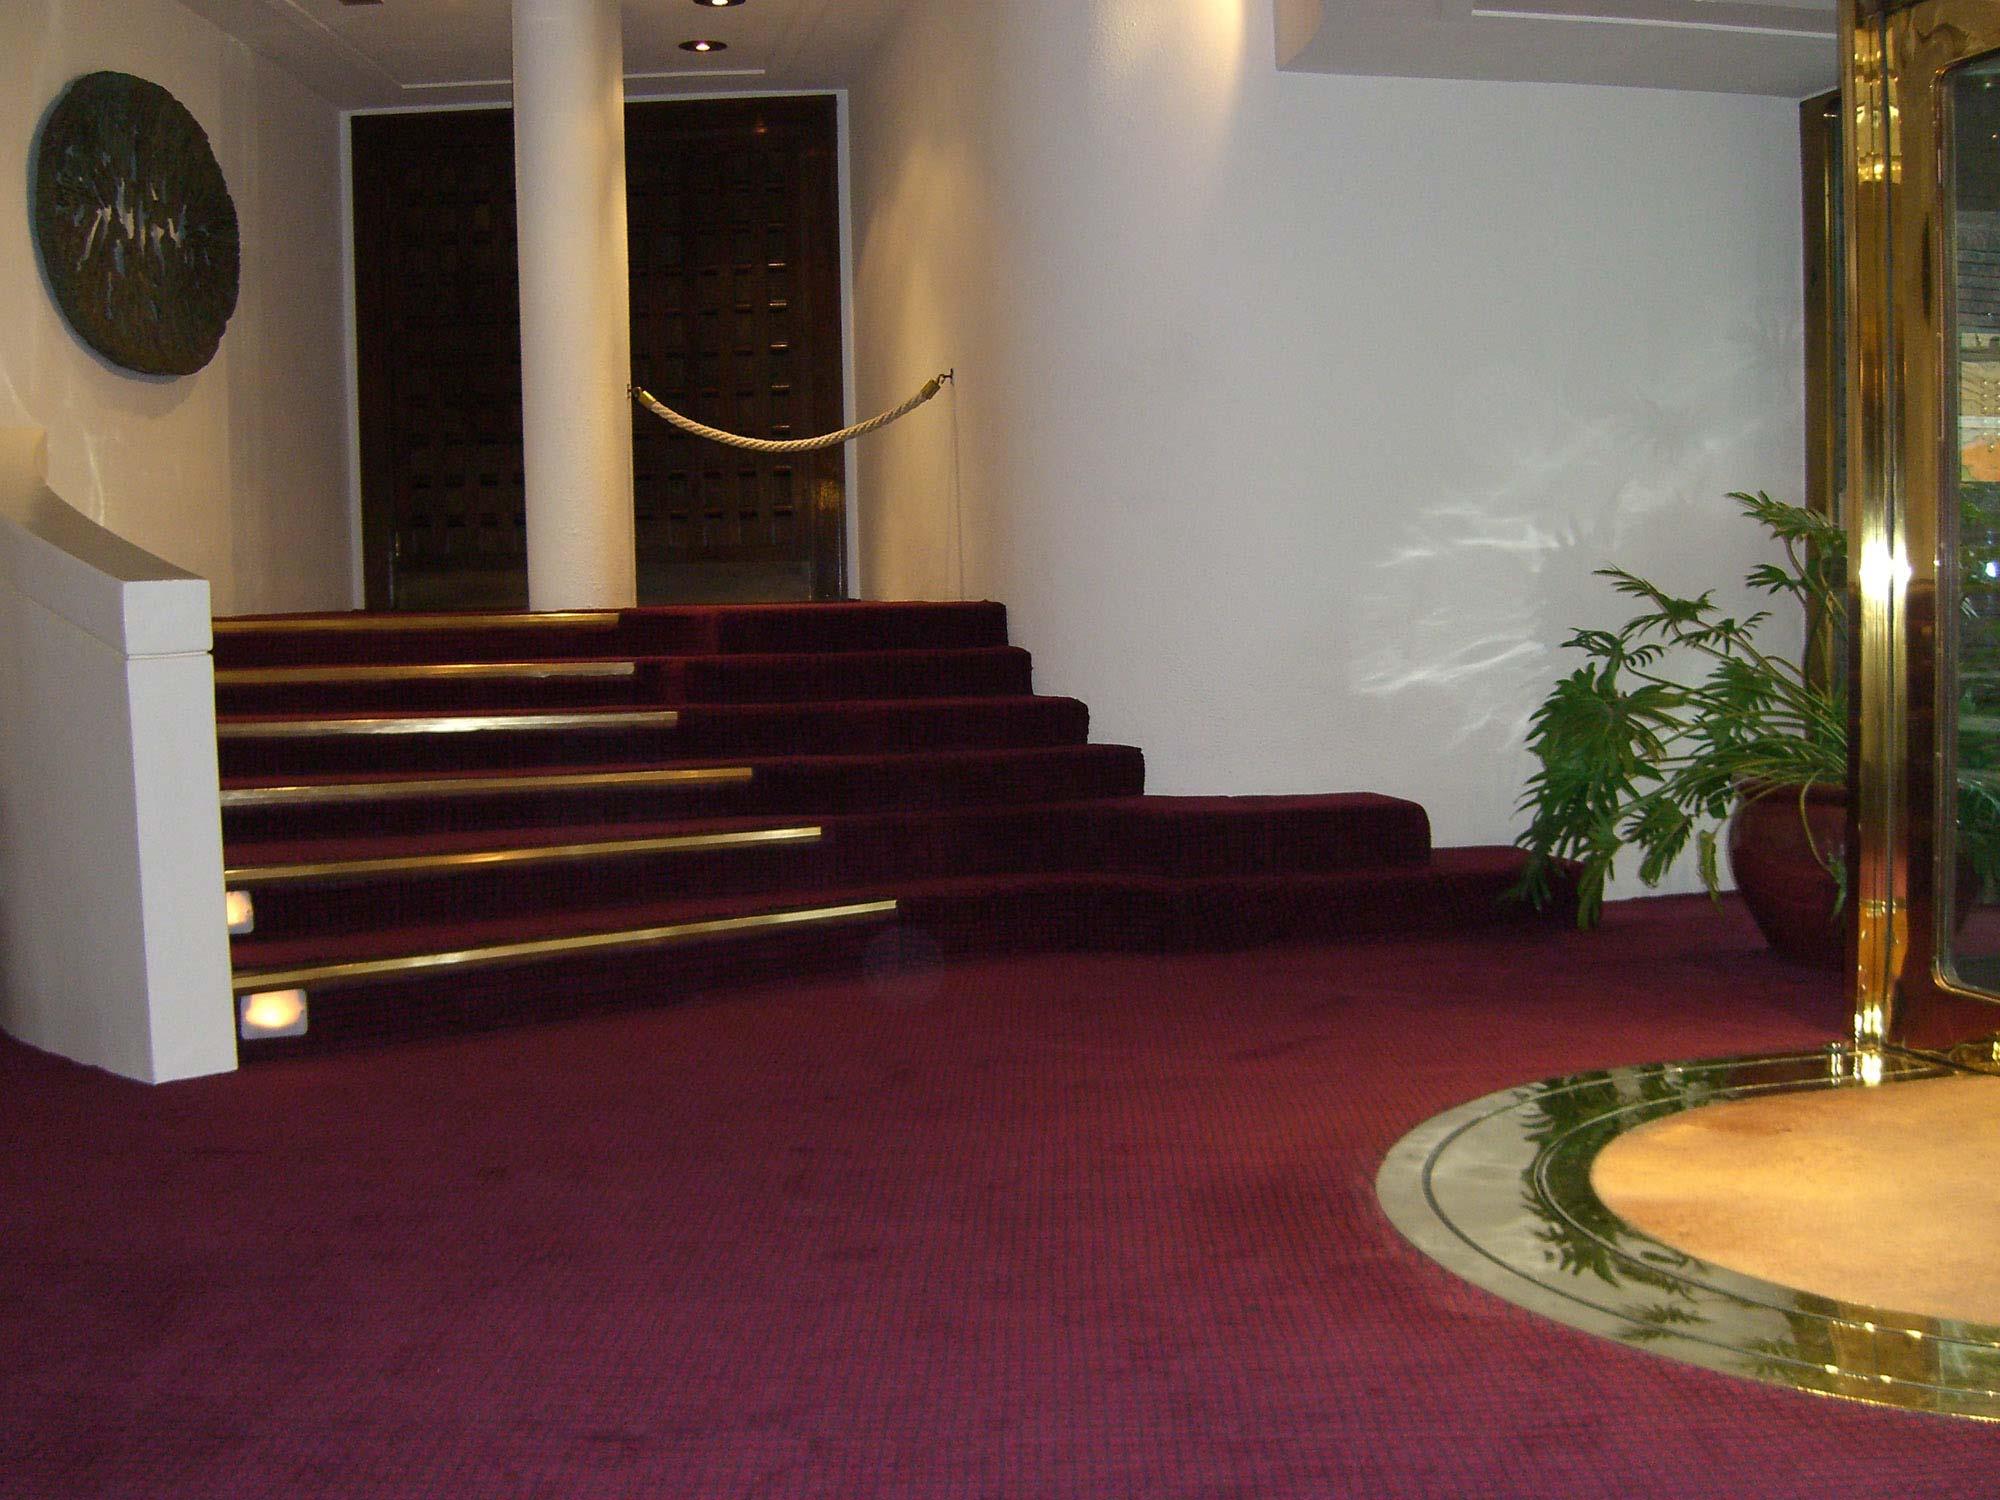 Woven Contract Carpet